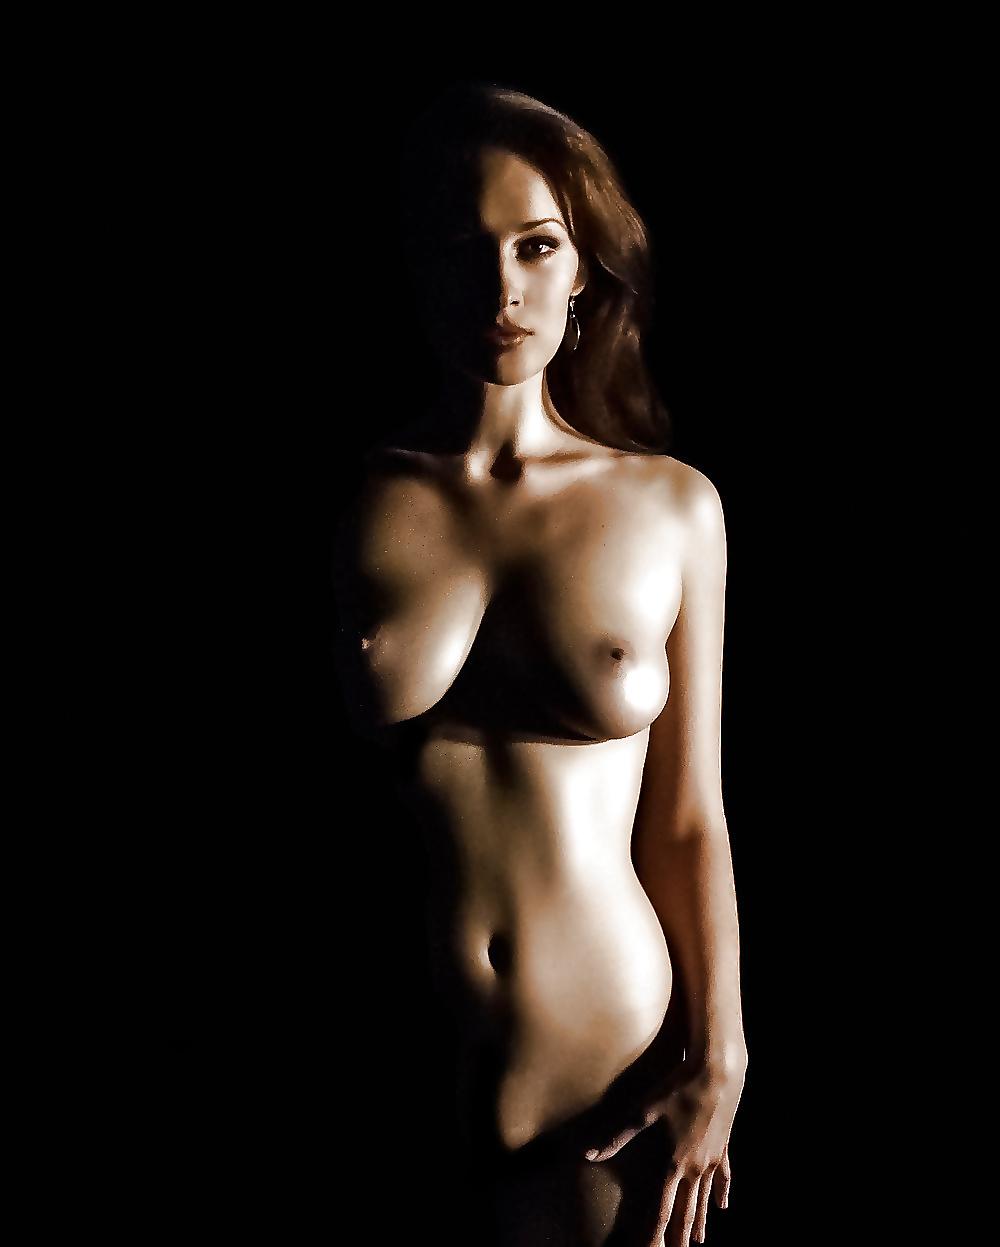 Неглиже онлайн обнаженные девушки студийные фото мужик ебет